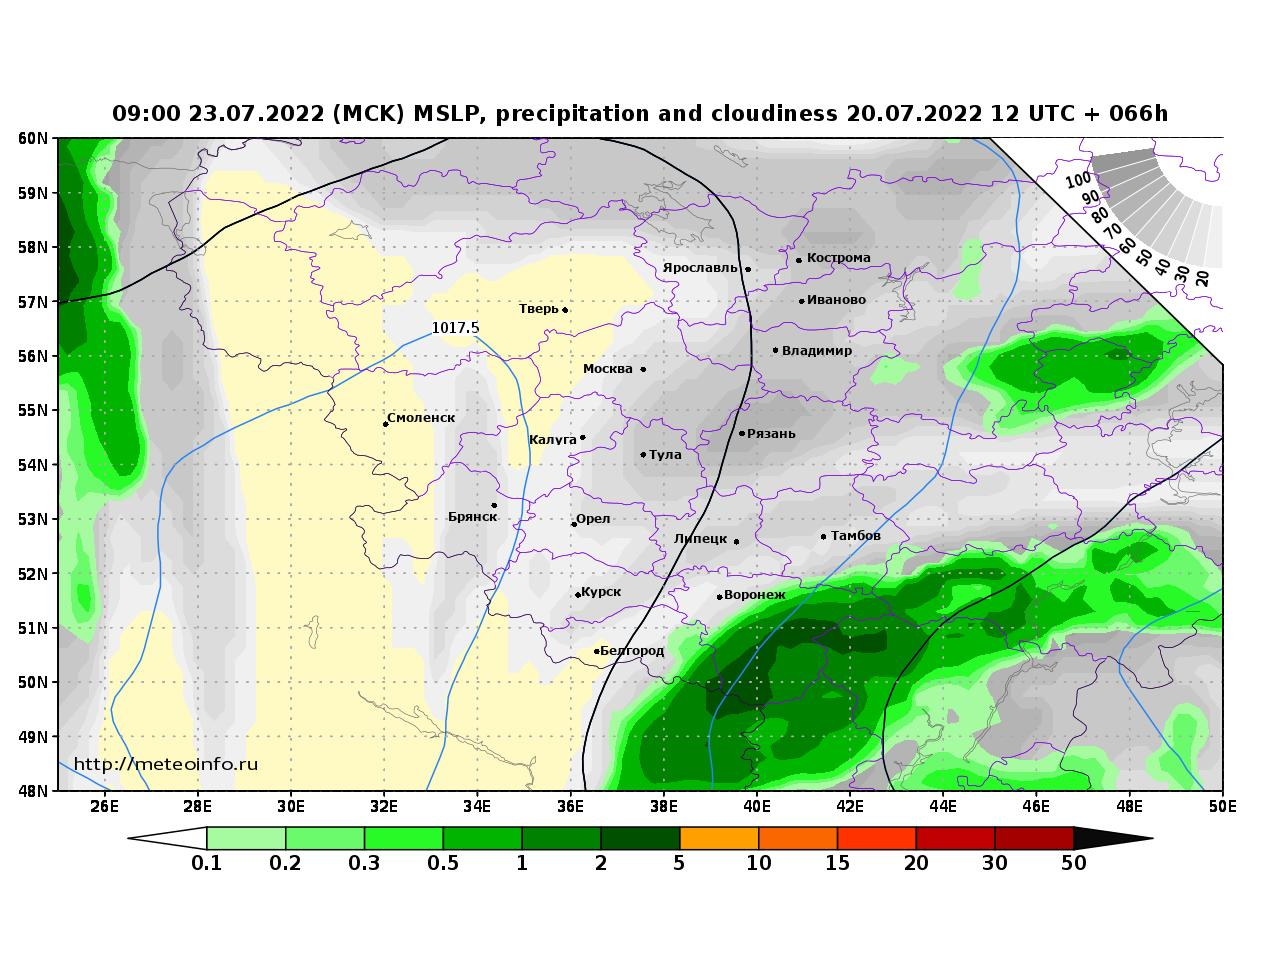 Центральный Федеральный округ, прогностическая карта осадки и давление, заблаговременность прогноза 66 часов